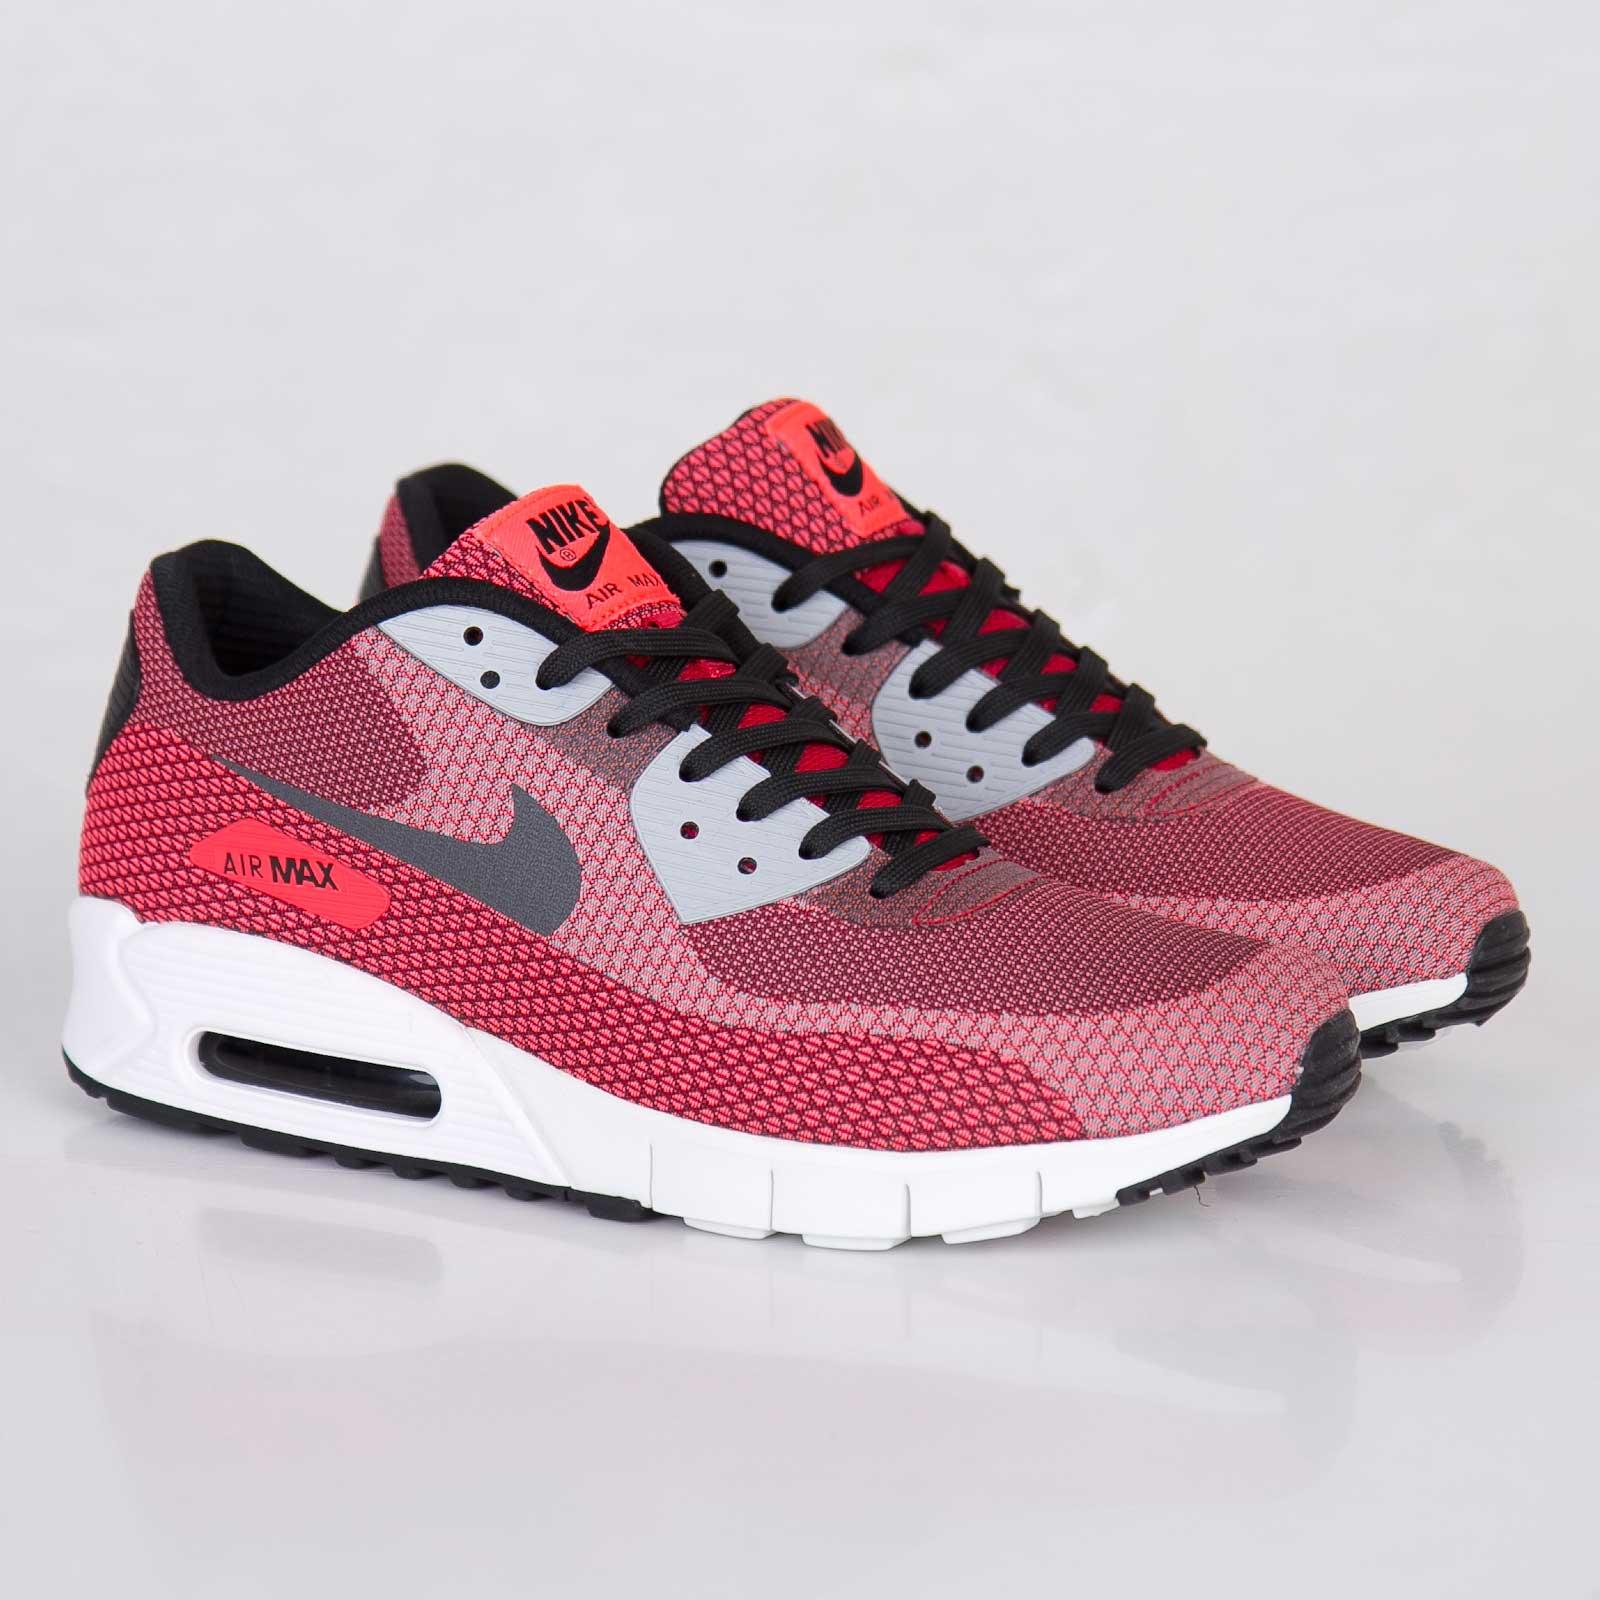 Nike Air Max 90 JCRD - 631750-600 - SNS   sneakers & streetwear ...